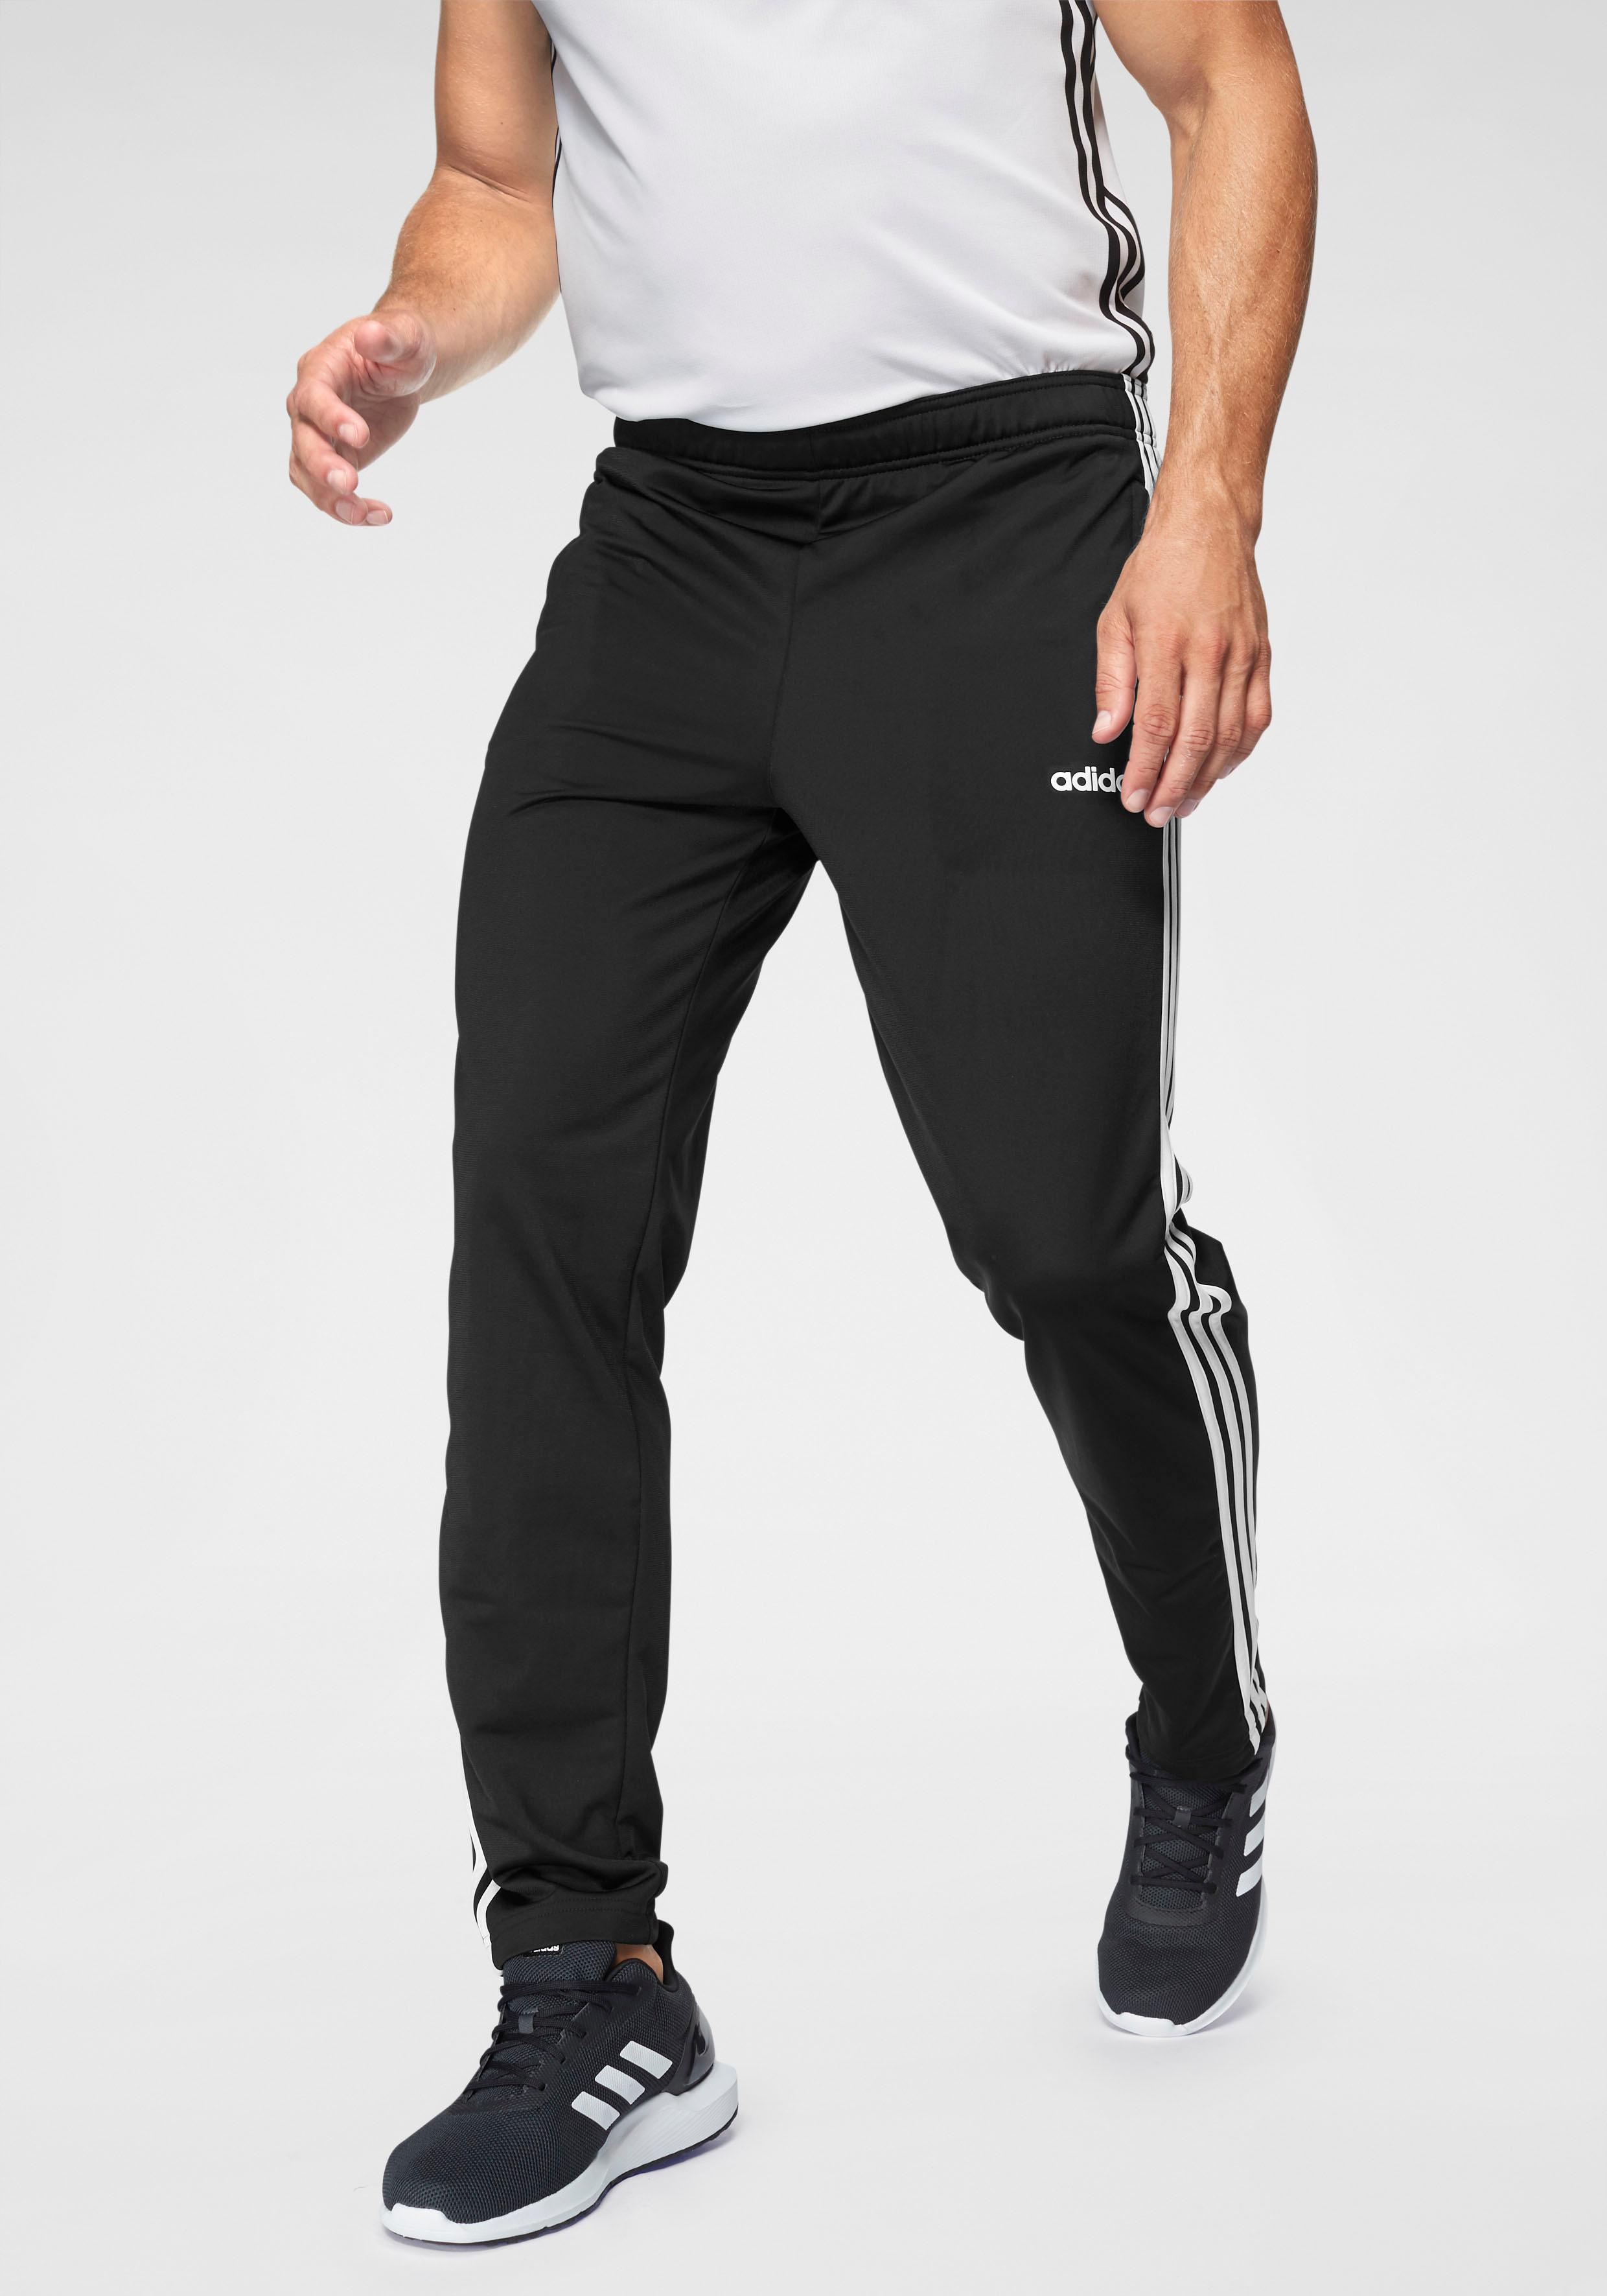 adidas Trainingshose E 3 STRIPES TRACK PANT TRIC | Sportbekleidung | Schwarz | Adidas